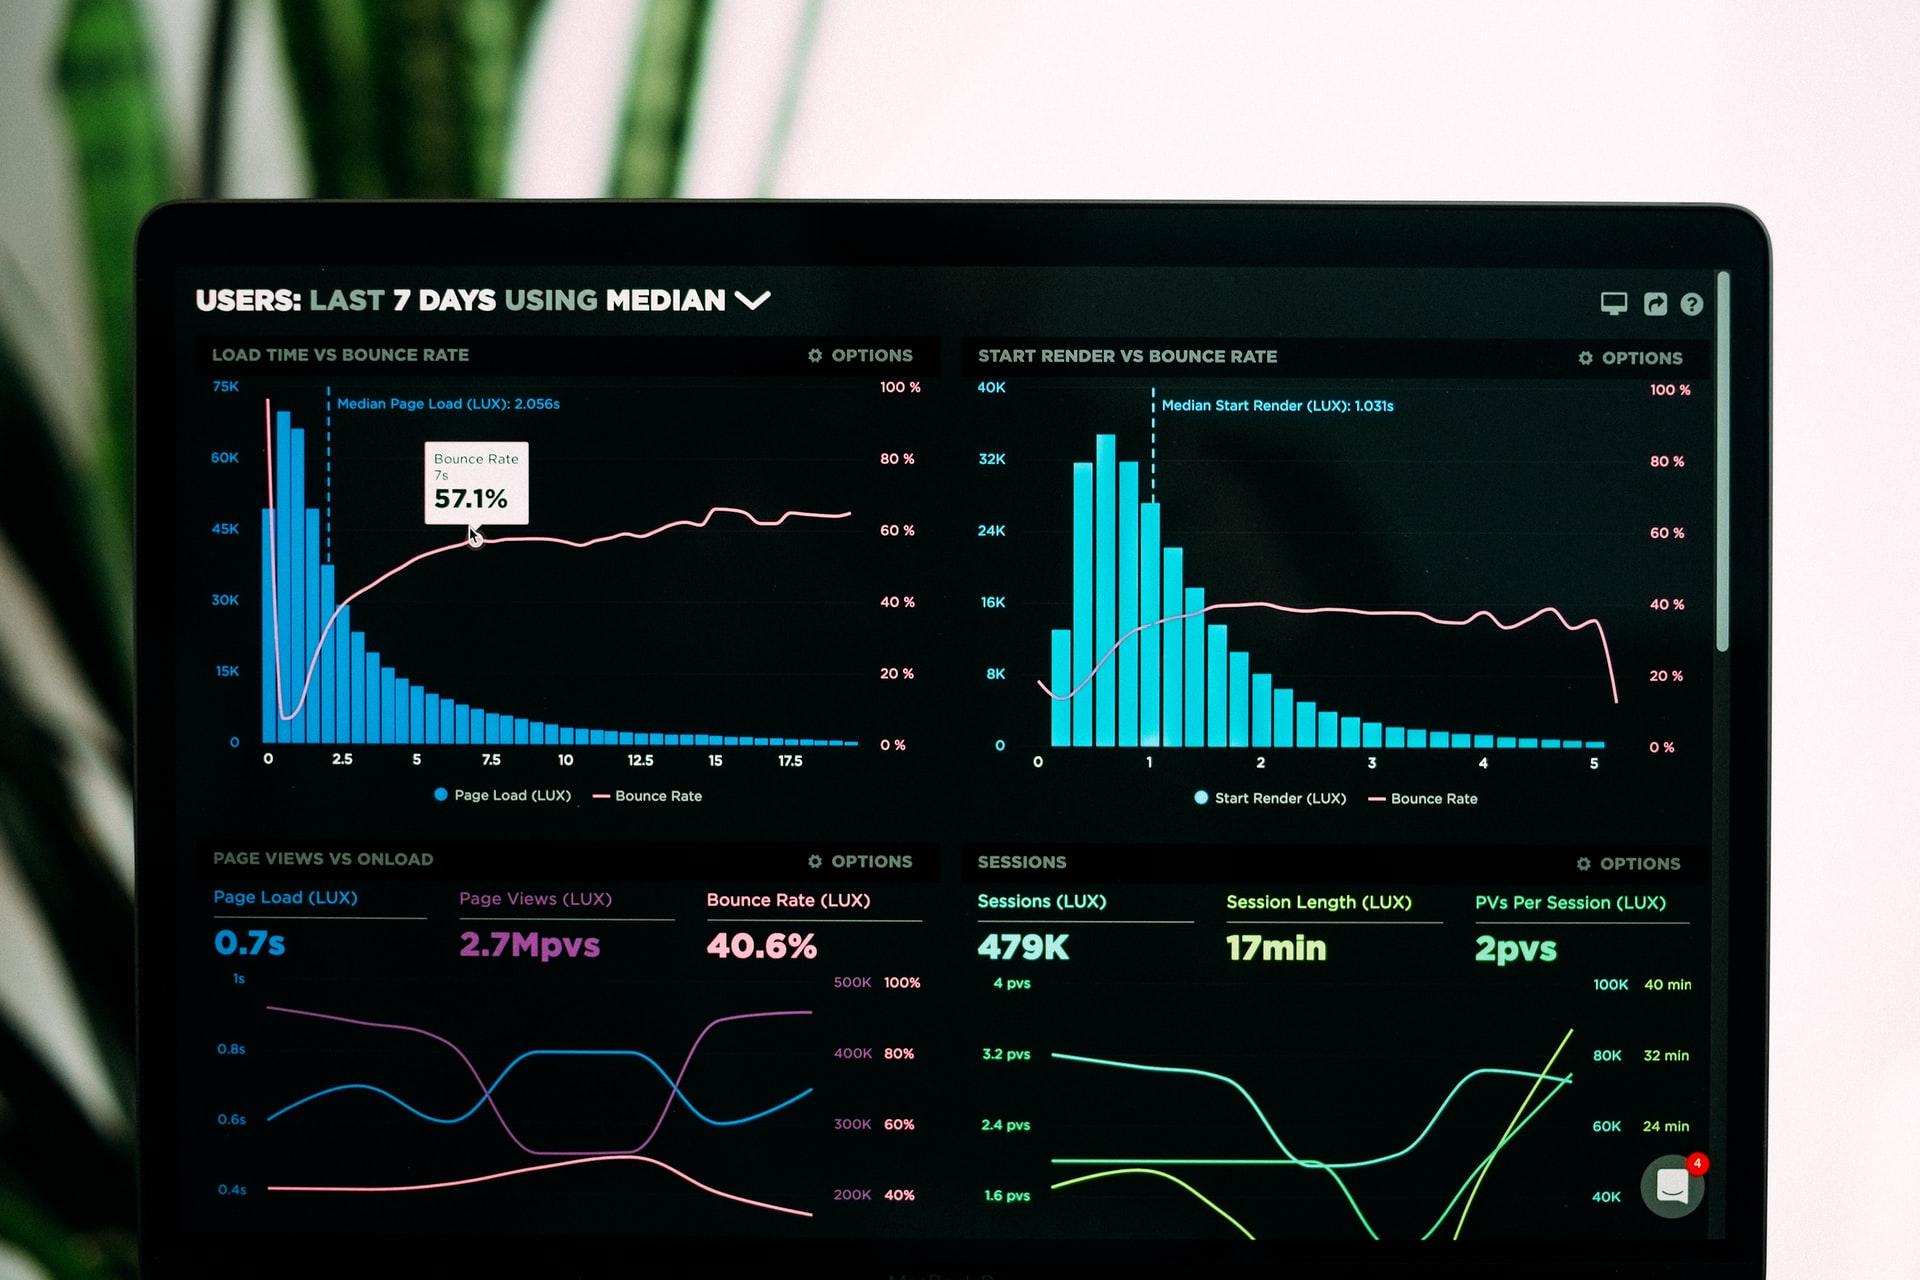 Big Data не існує? Чому цінність даних важливіша за їхню кількість